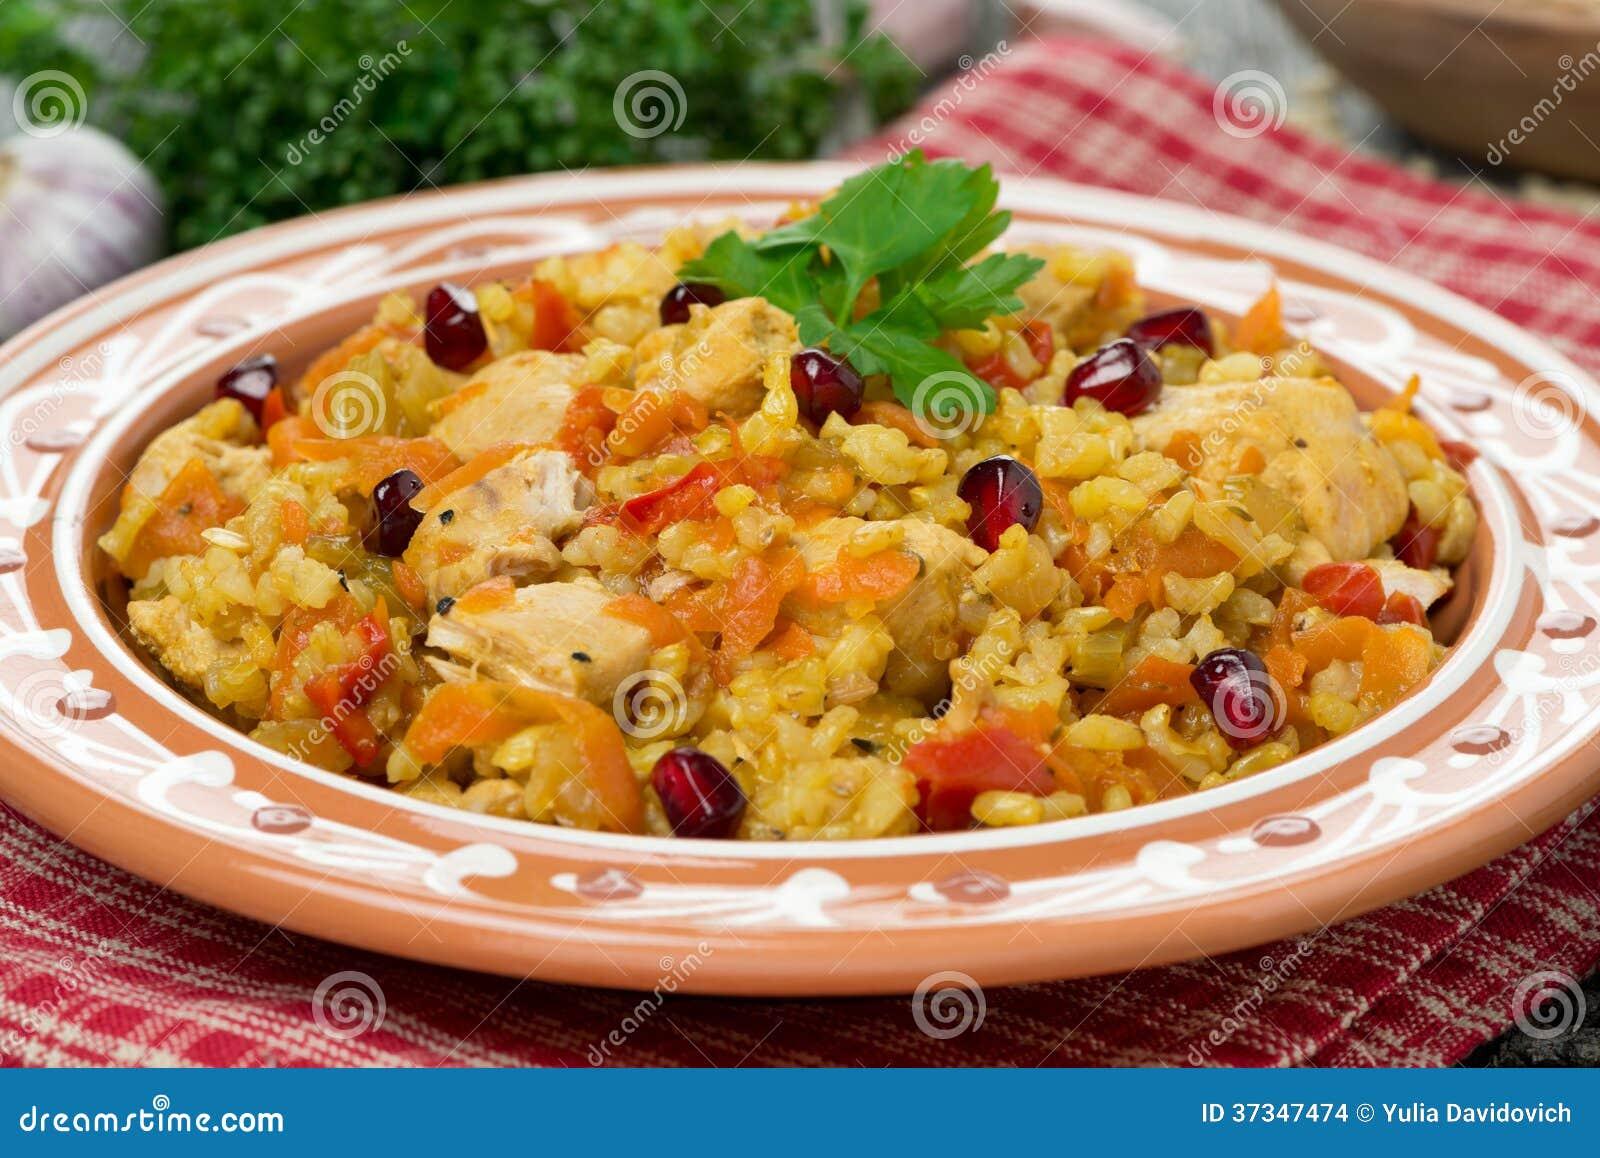 Pilau com vegetais, galinha e romã, close-up